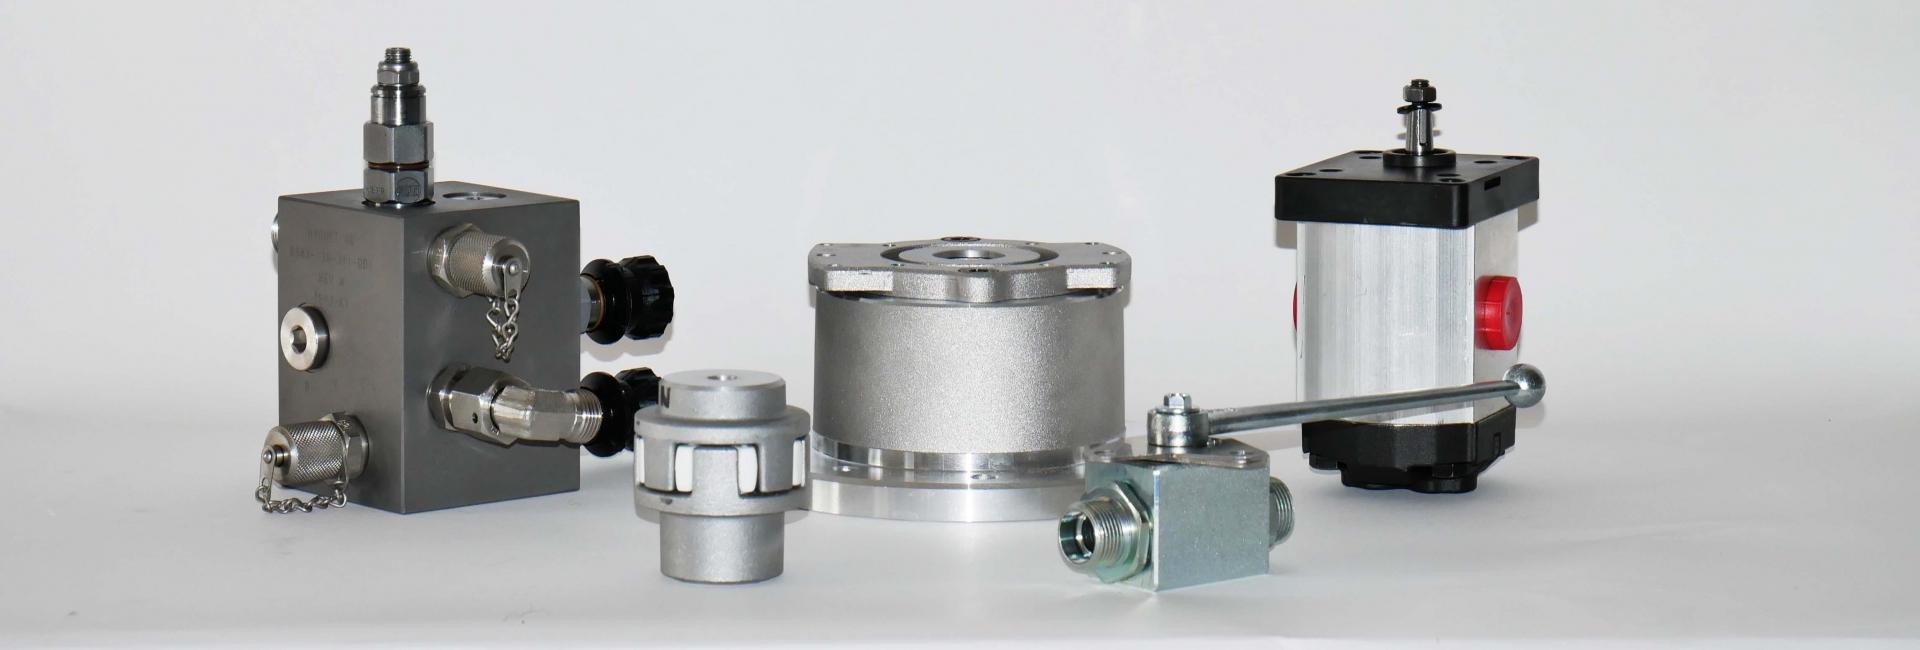 Komponenter & Slangtillverkning